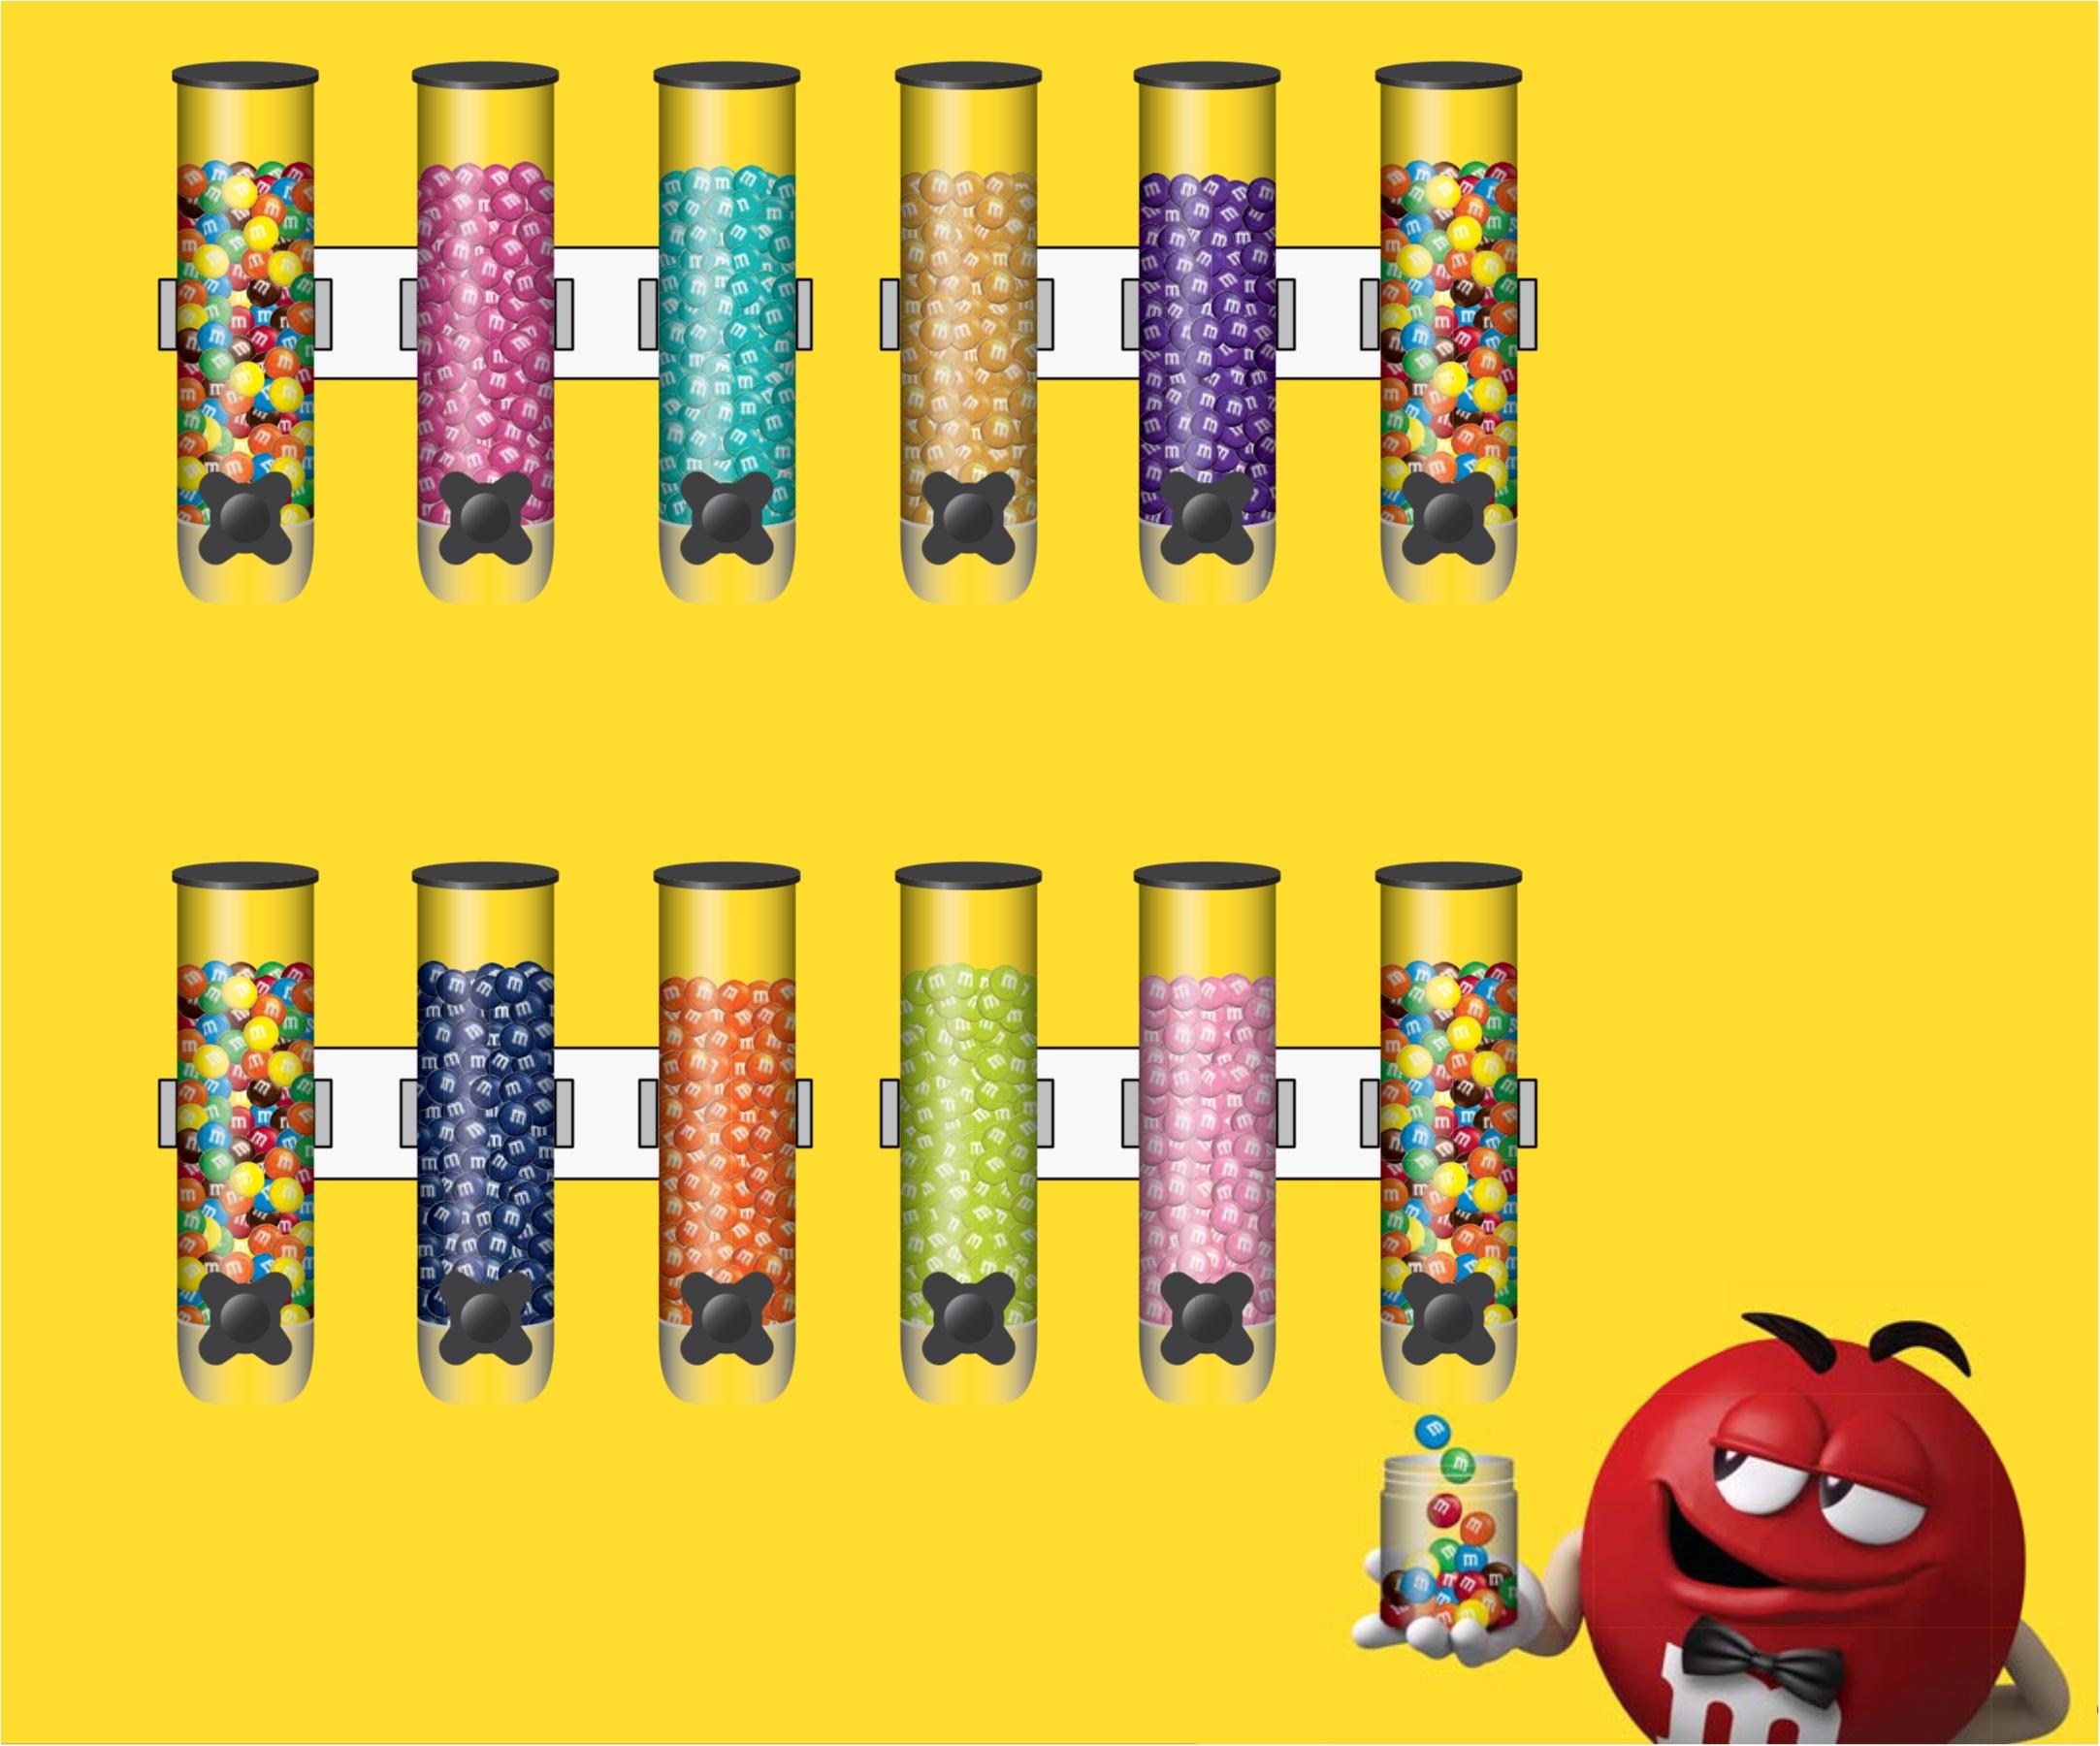 『M&M'S』のチョコ山盛りパフェが超フォトジェニック♡ NYでトレンドの「カラフルパフェ」が原宿で! _2